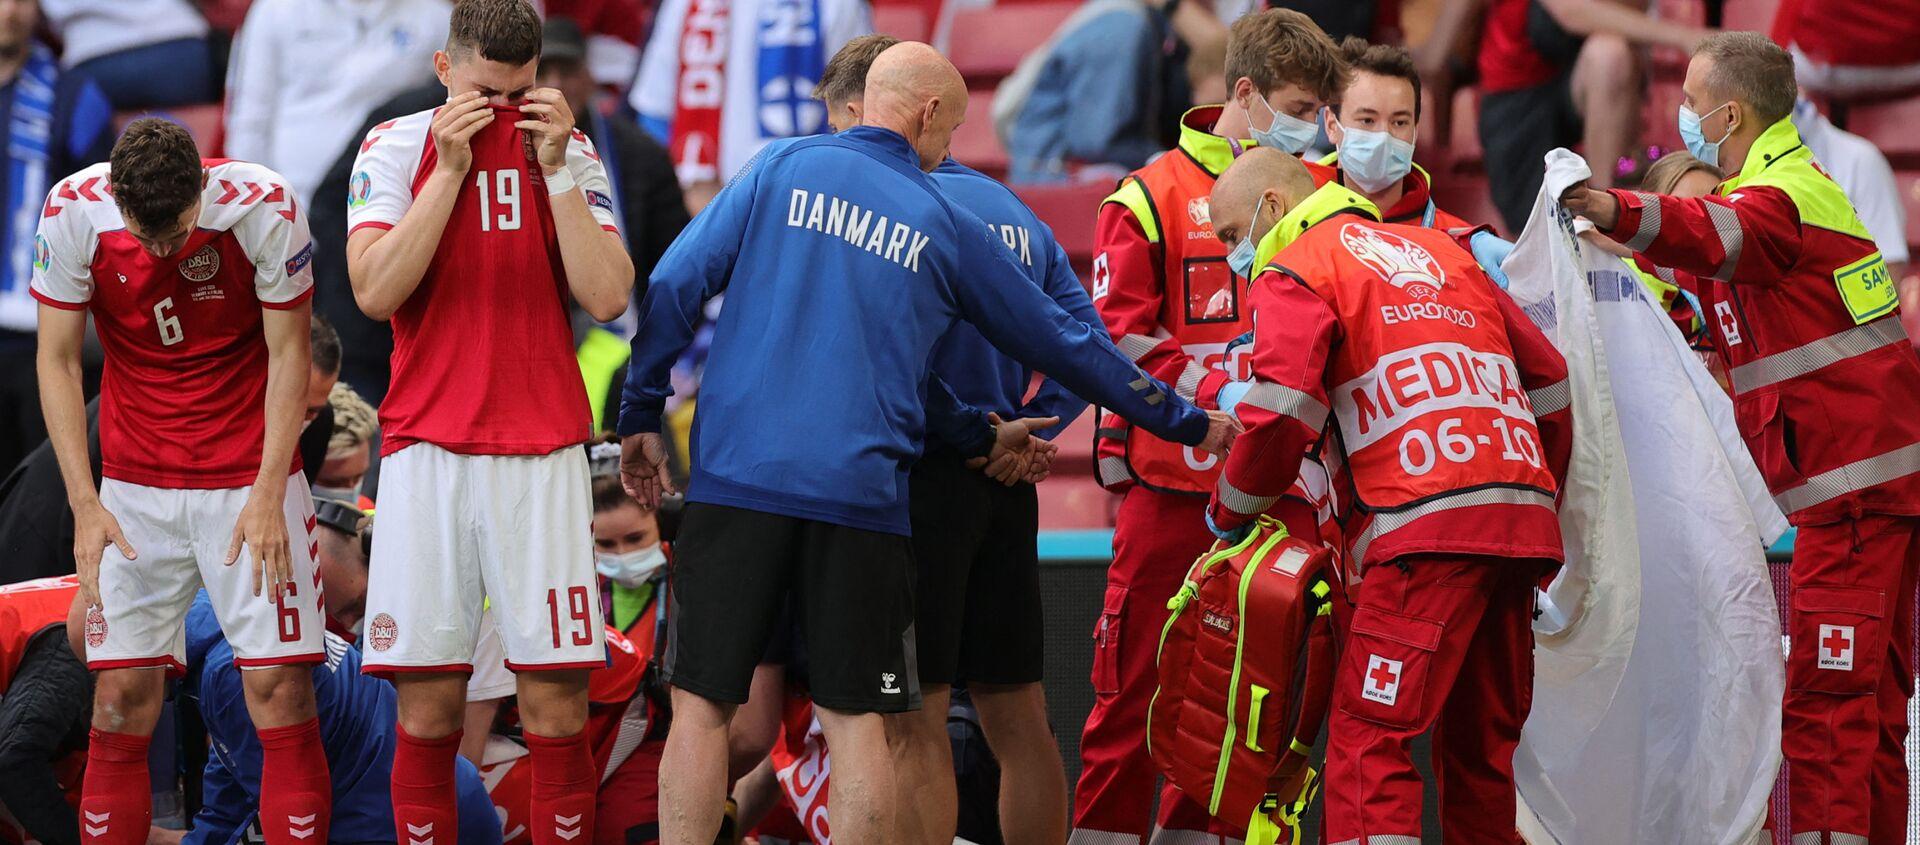 Euro 2020: Mecz Dania - Finlandia, medycy udzielają pomocy duńskiemu zawodnikowi Christianowi Eriksenowi, który stracił przytomność w trakcie gry - Sputnik Polska, 1920, 12.06.2021